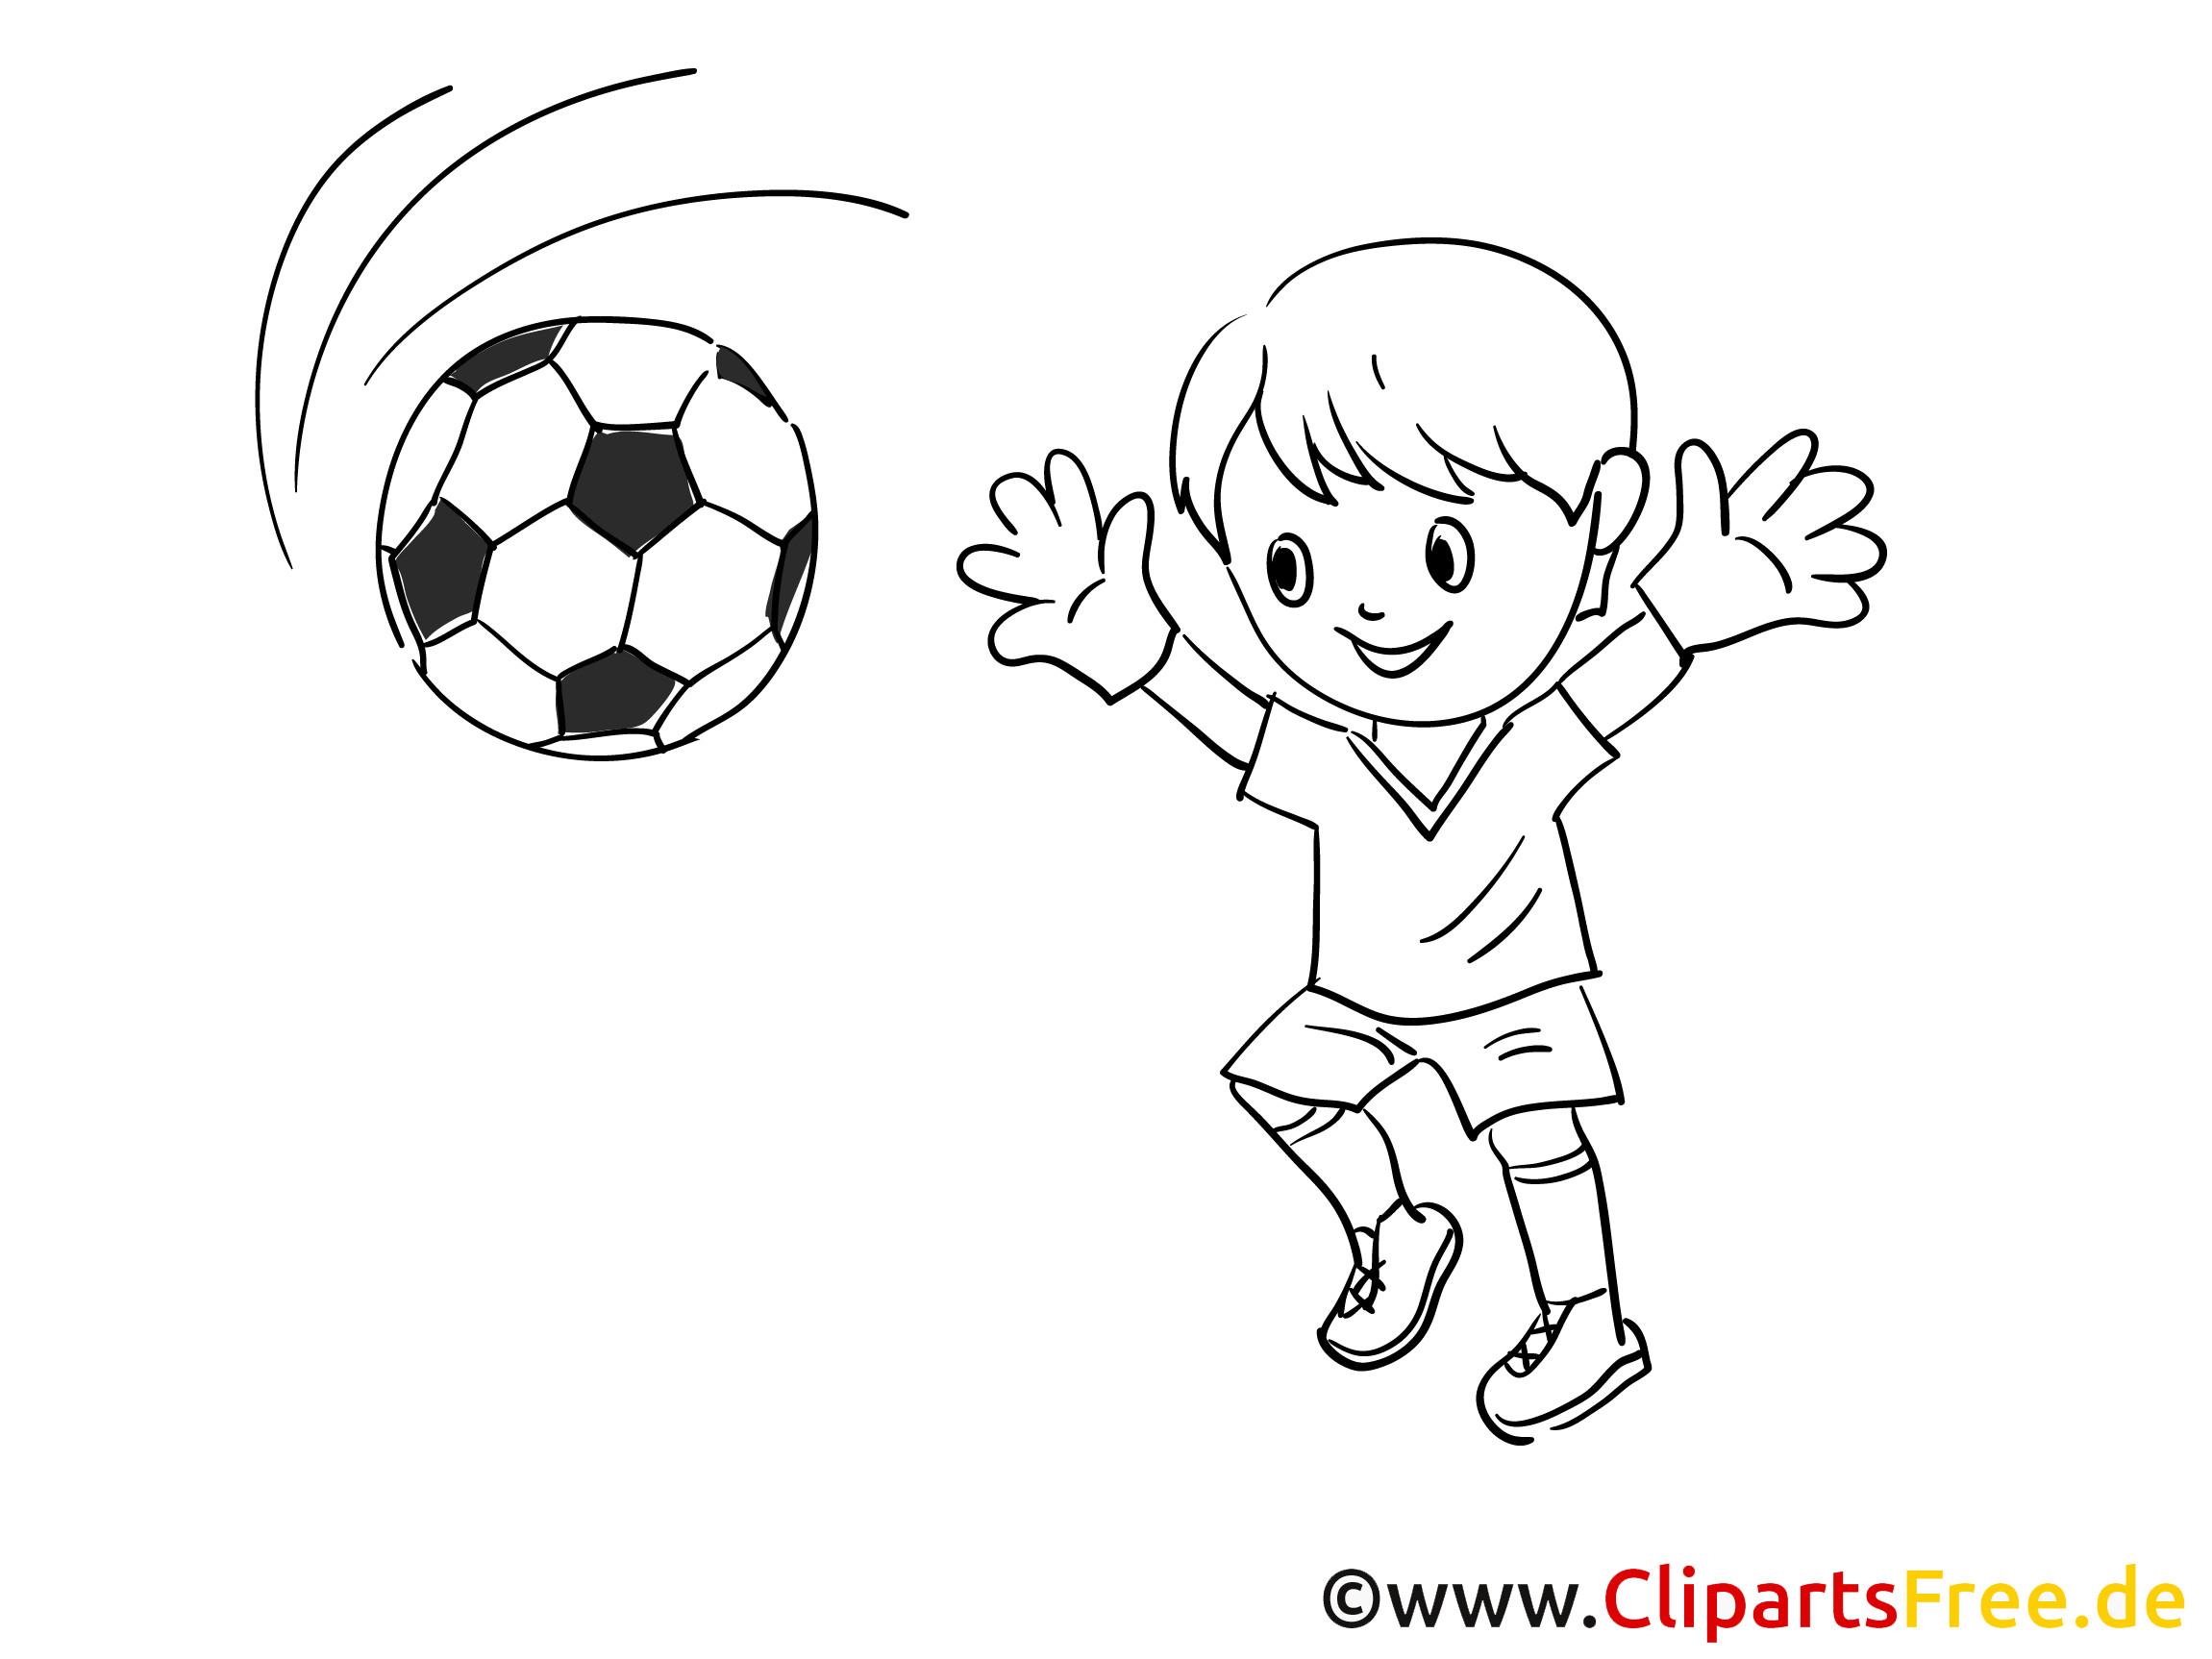 Malvorlagen Fußball  Junge spielt Fussball Malvorlage gratis